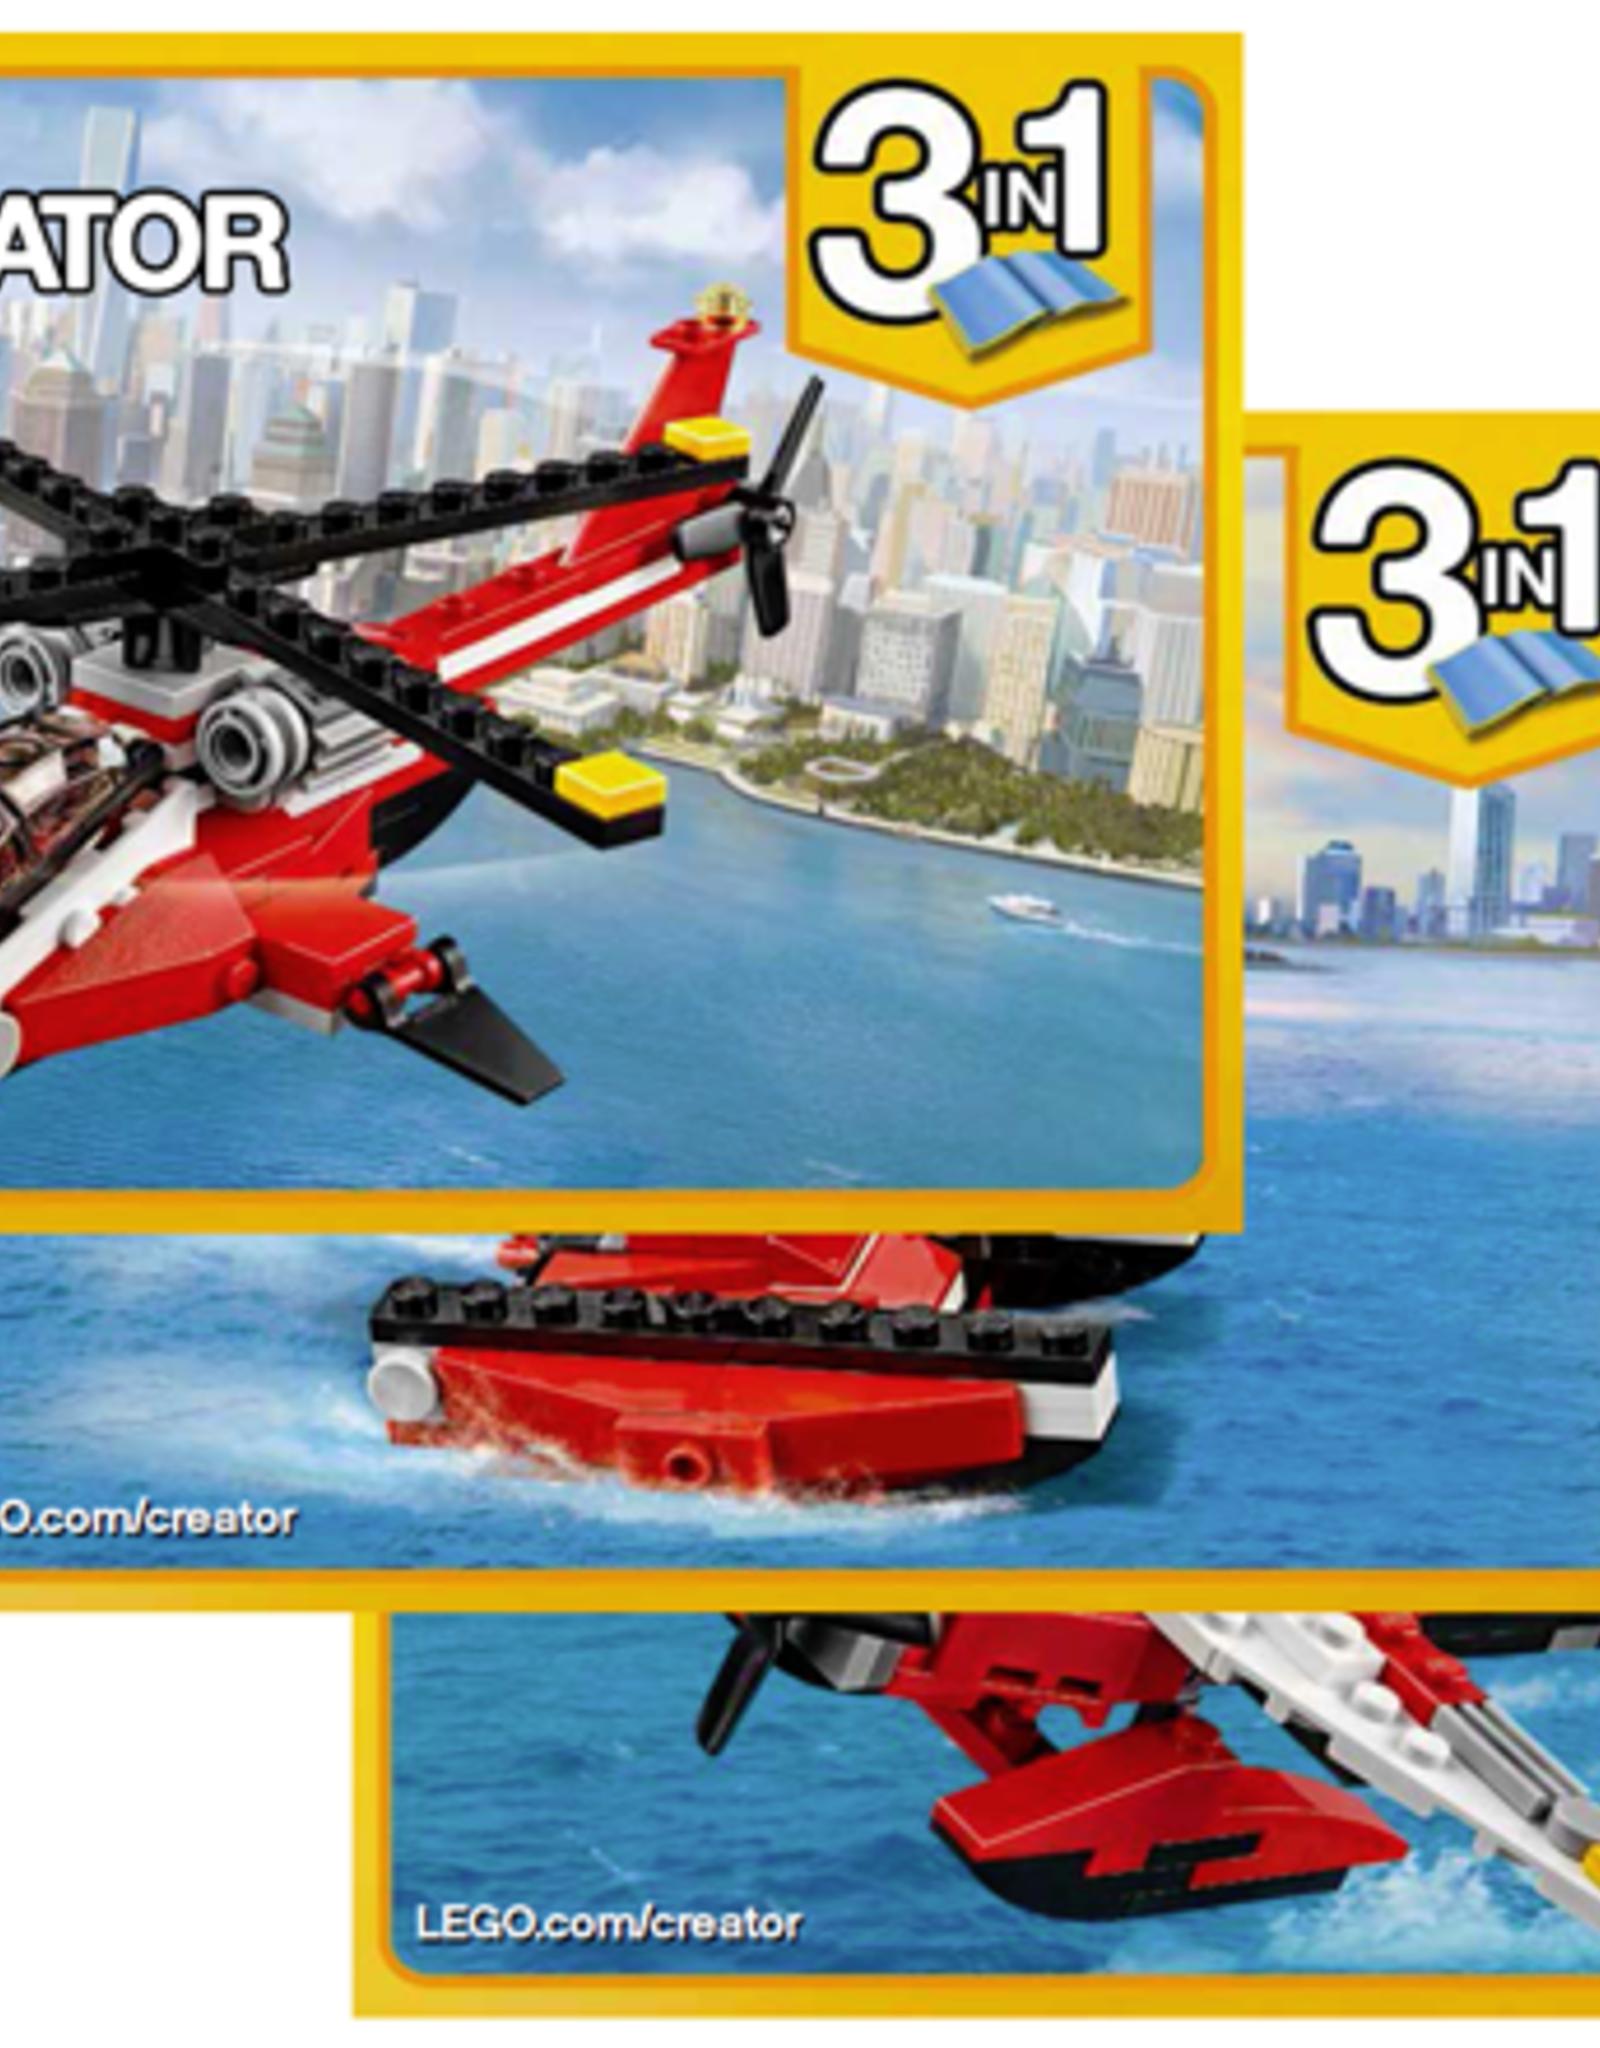 LEGO LEGO 31057 Air Blazer CREATOR